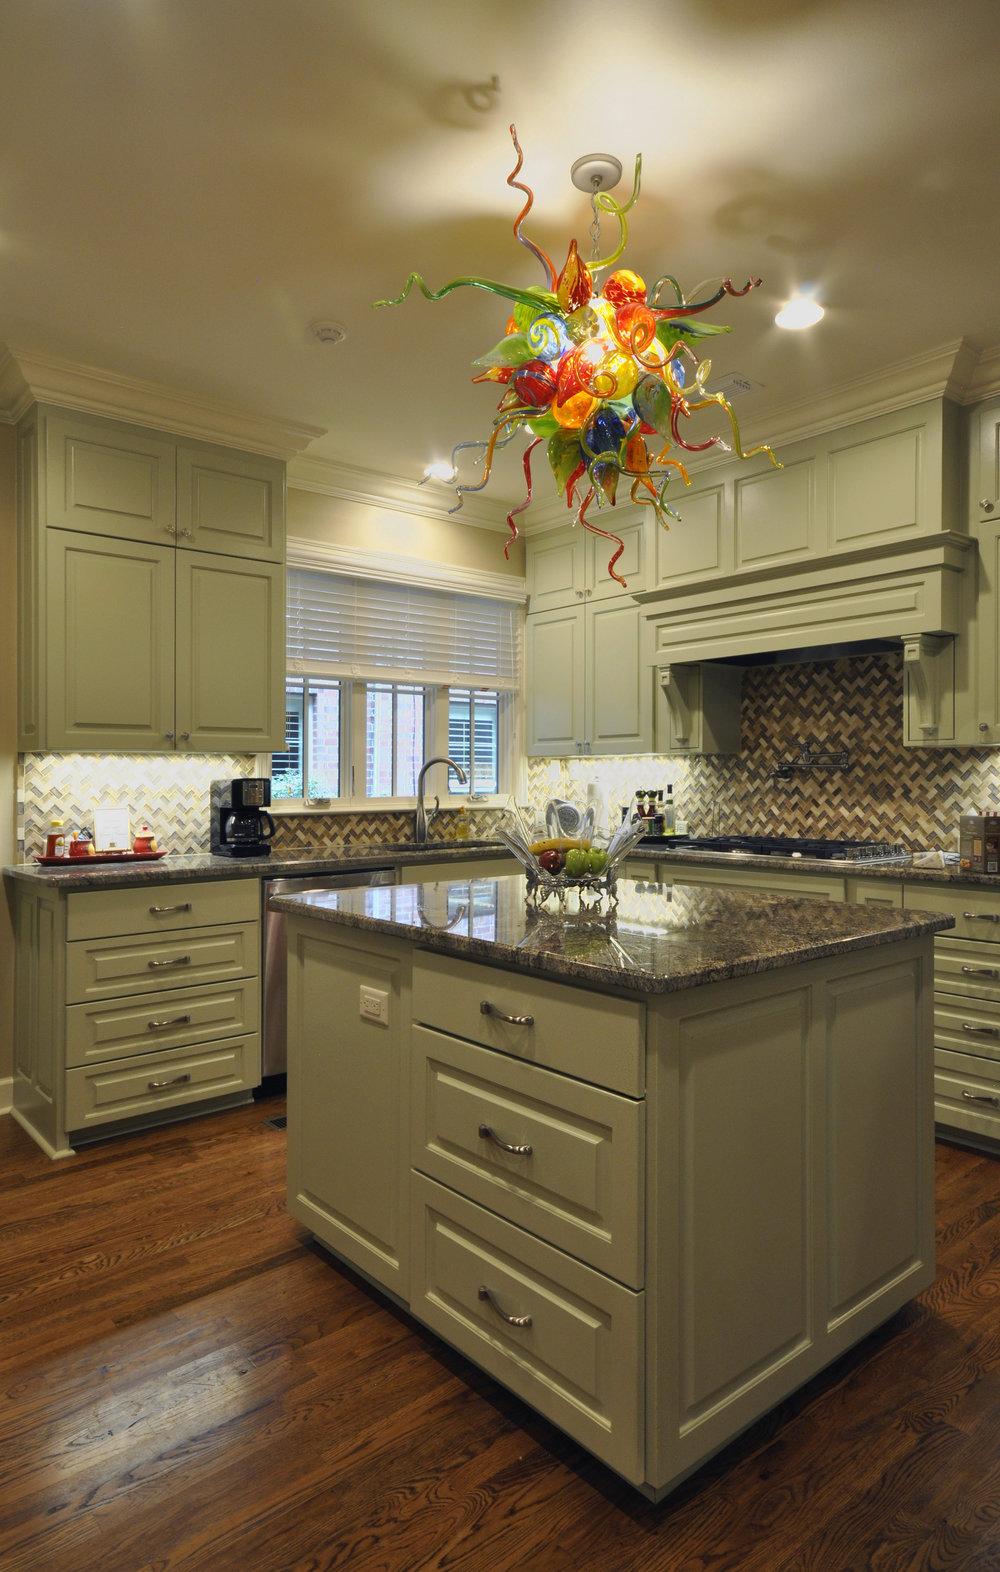 3 Davis_kitchen.jpg